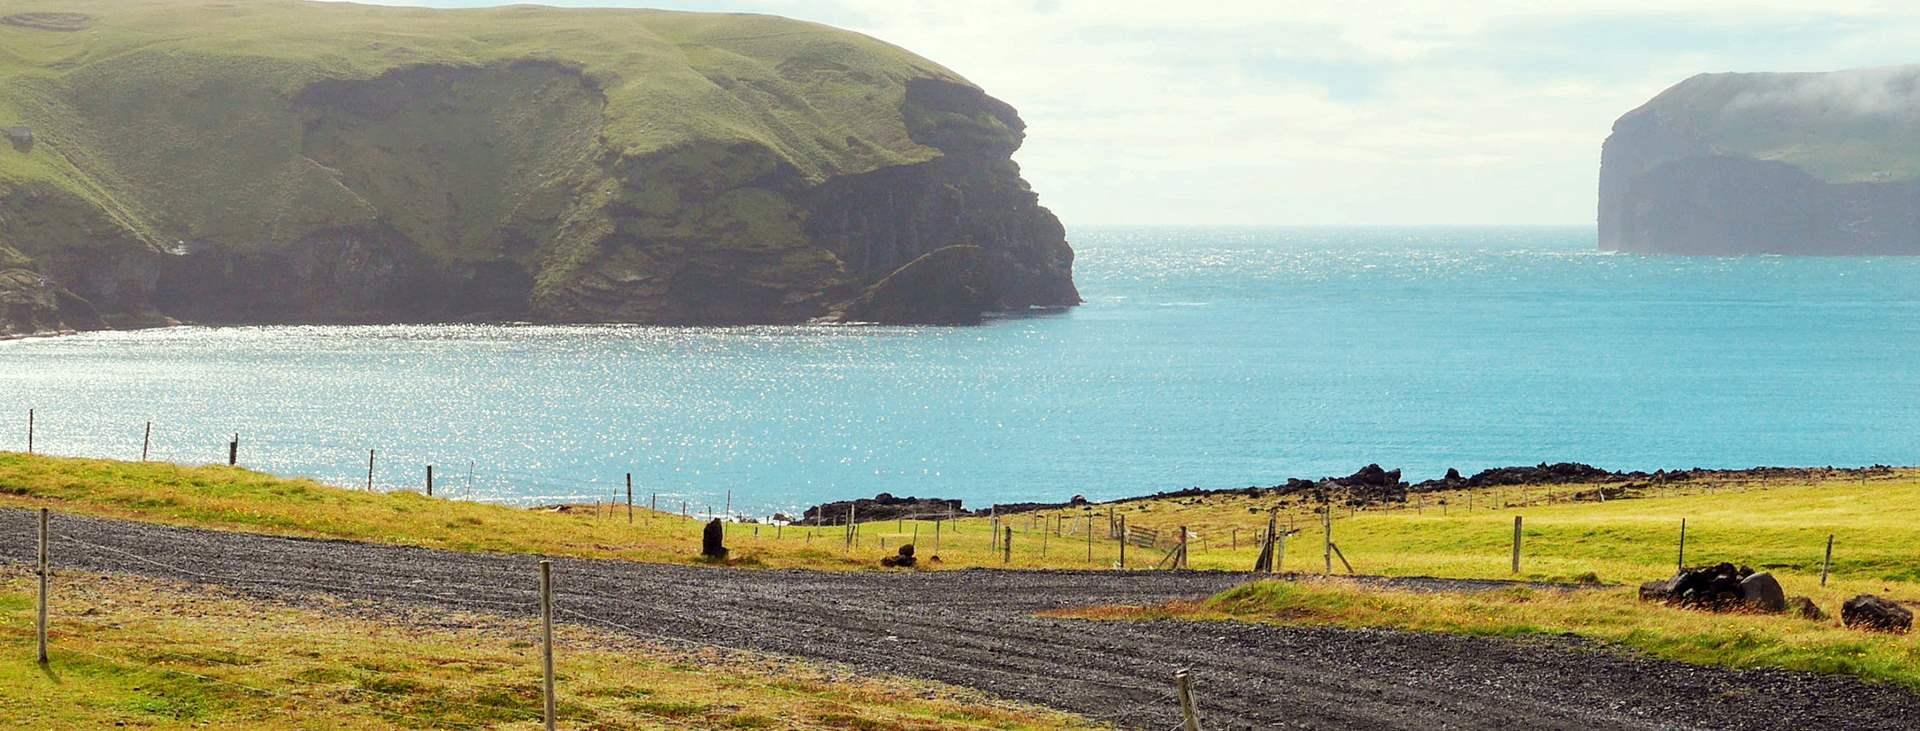 Boka en resa till Island med flyg och hotell